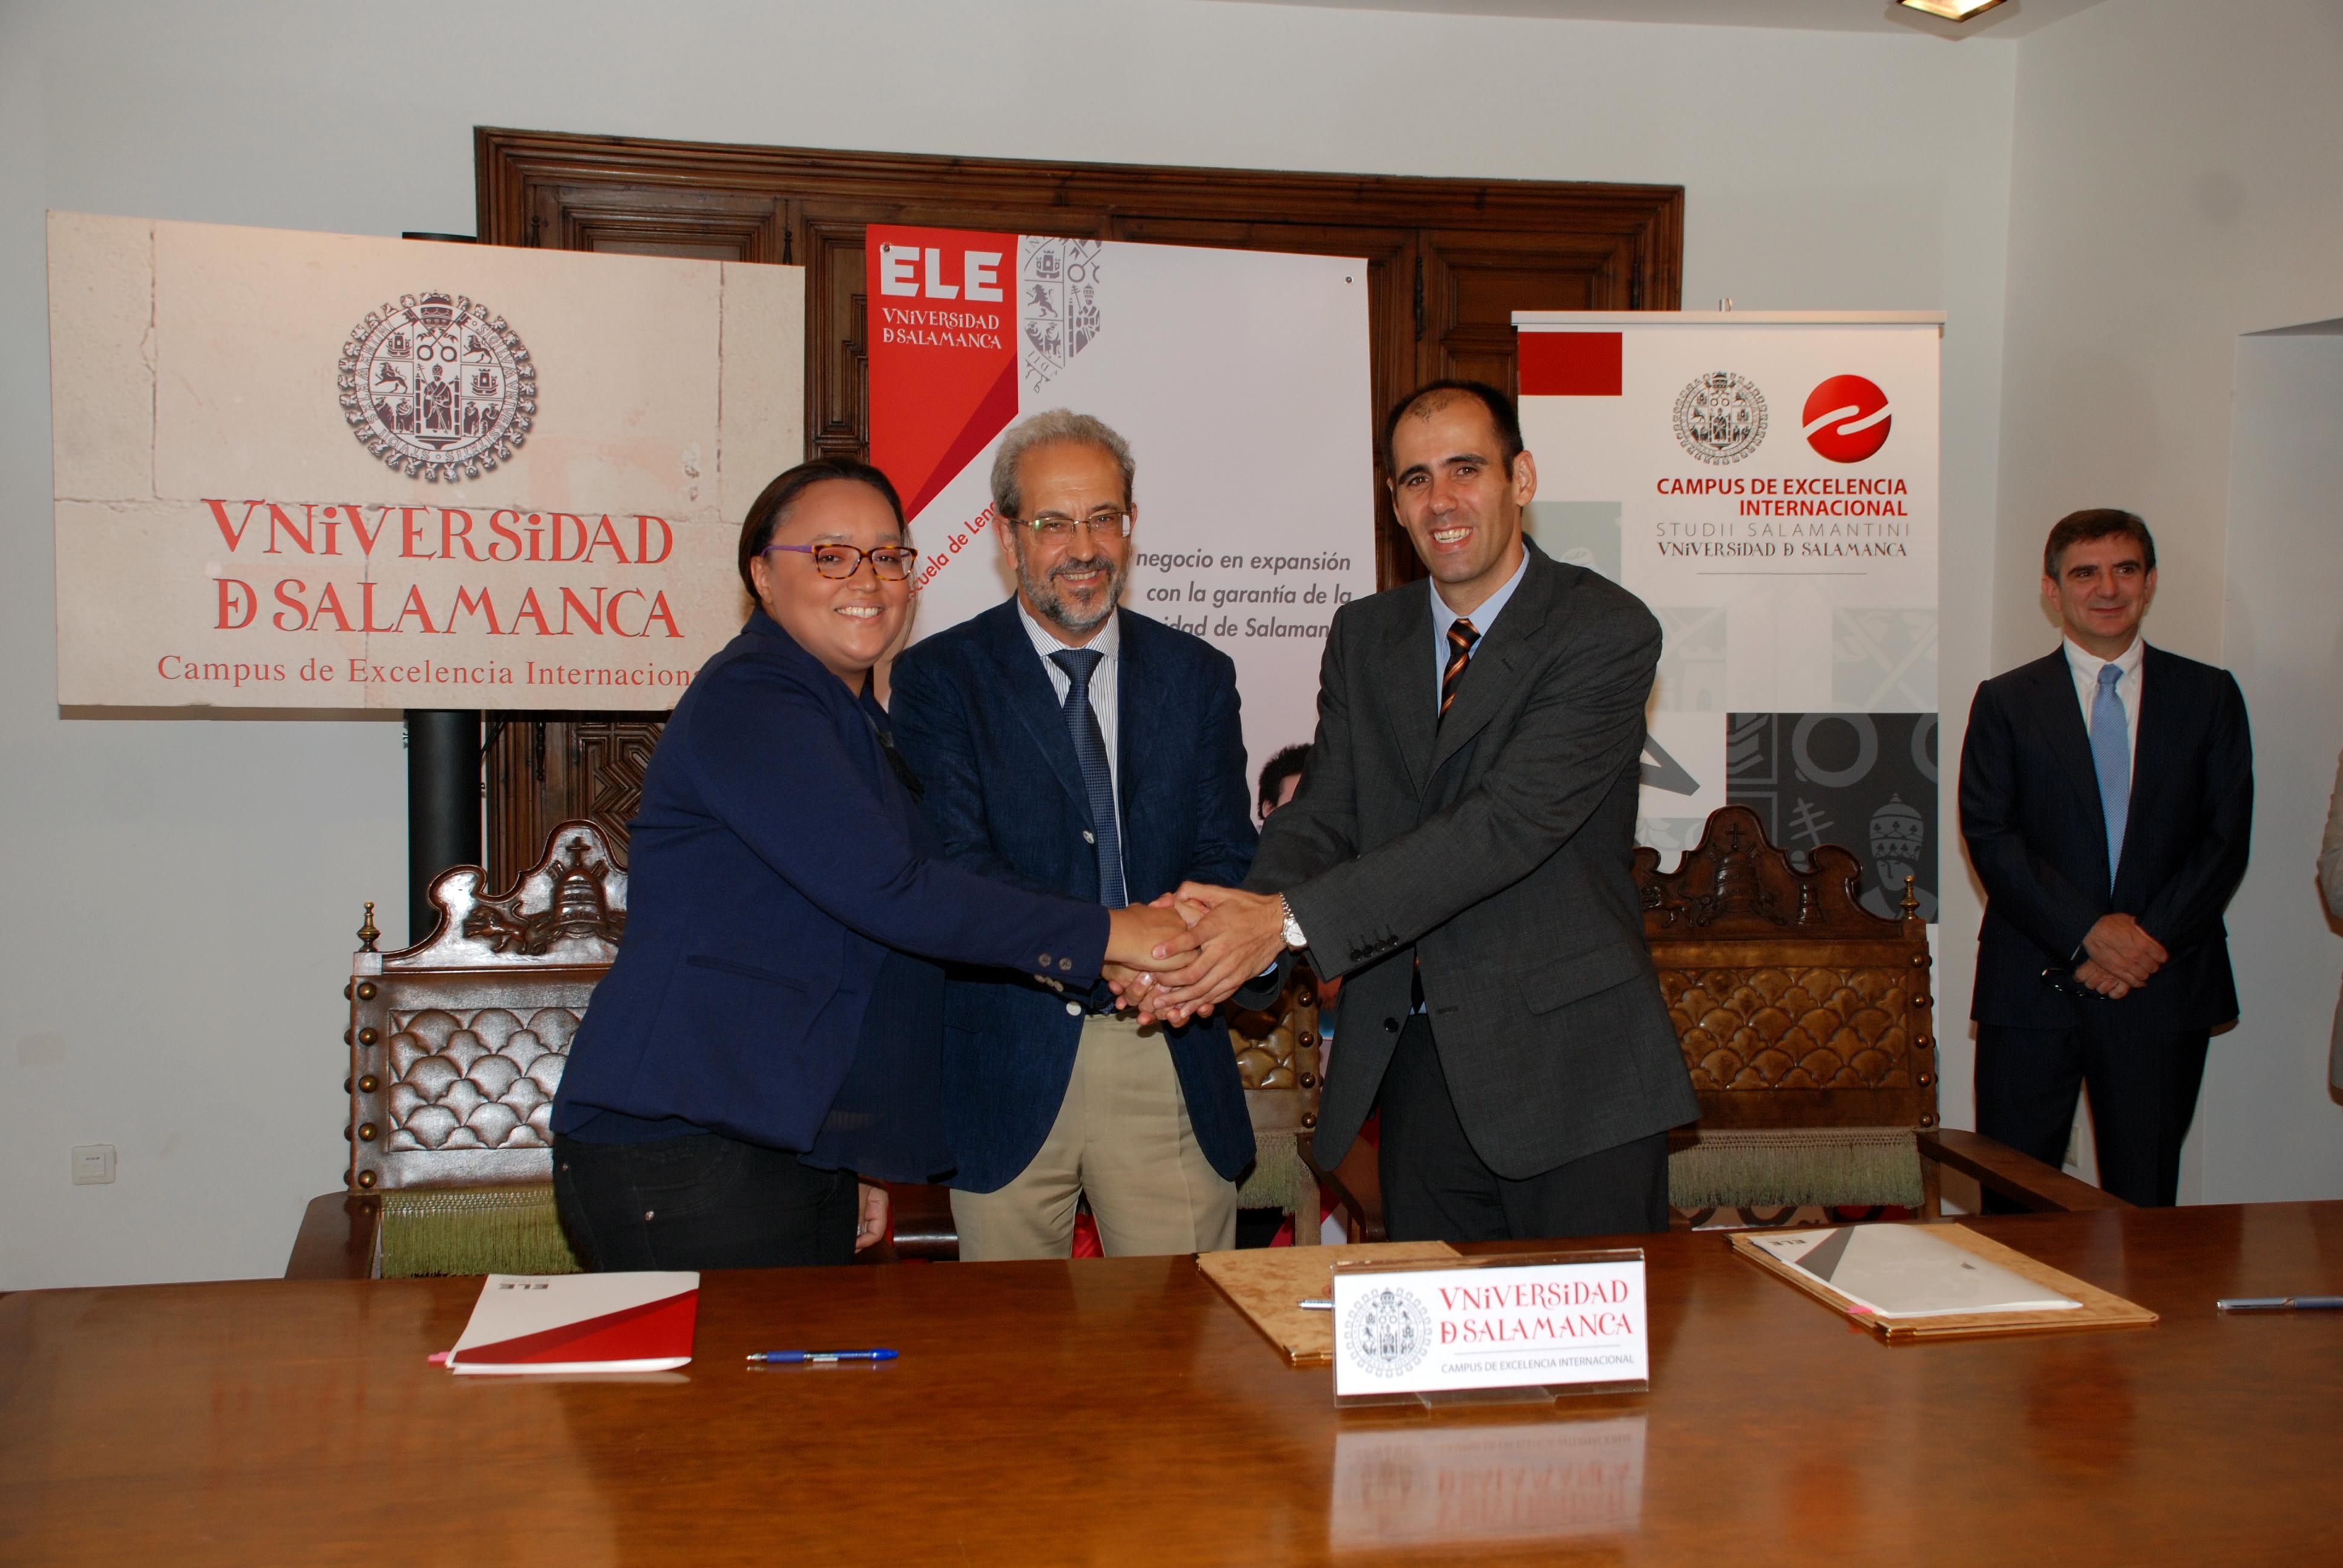 La ciudad brasileña de Cuiabá inaugura la segunda franquicia de Escuelas de Lengua Española de la Universidad de Salamanca